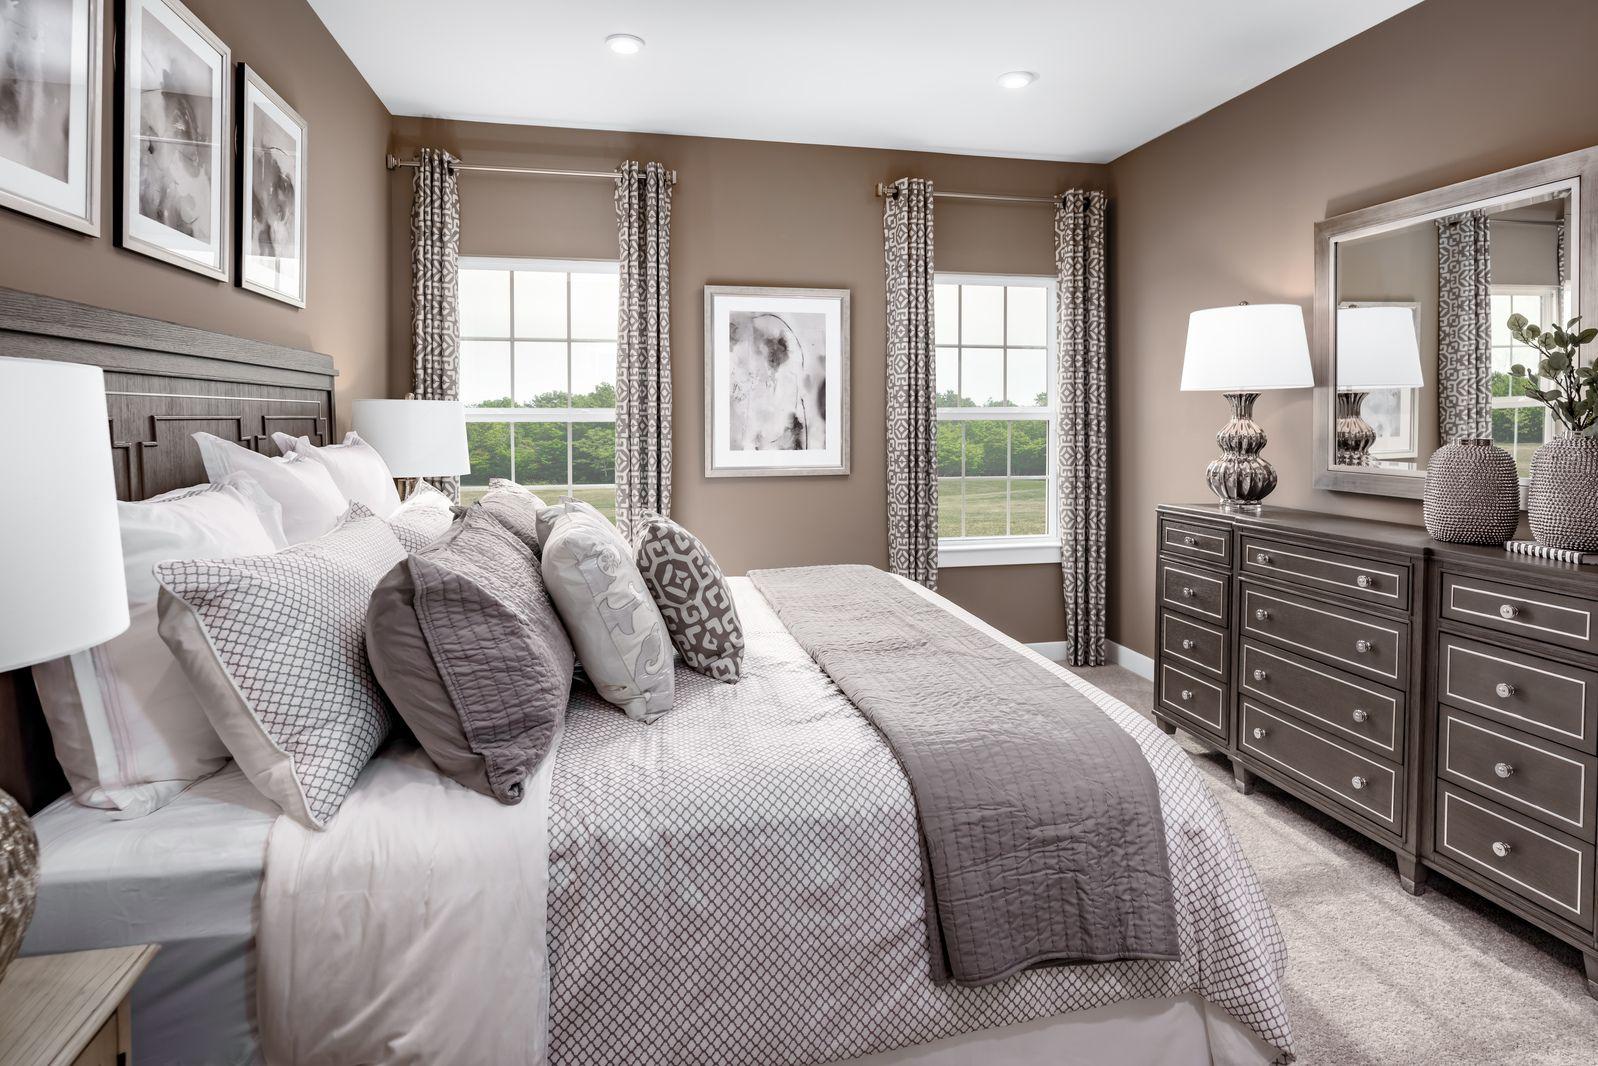 Bedroom featured in the Alberti By Ryan Homes in Warren County, NJ